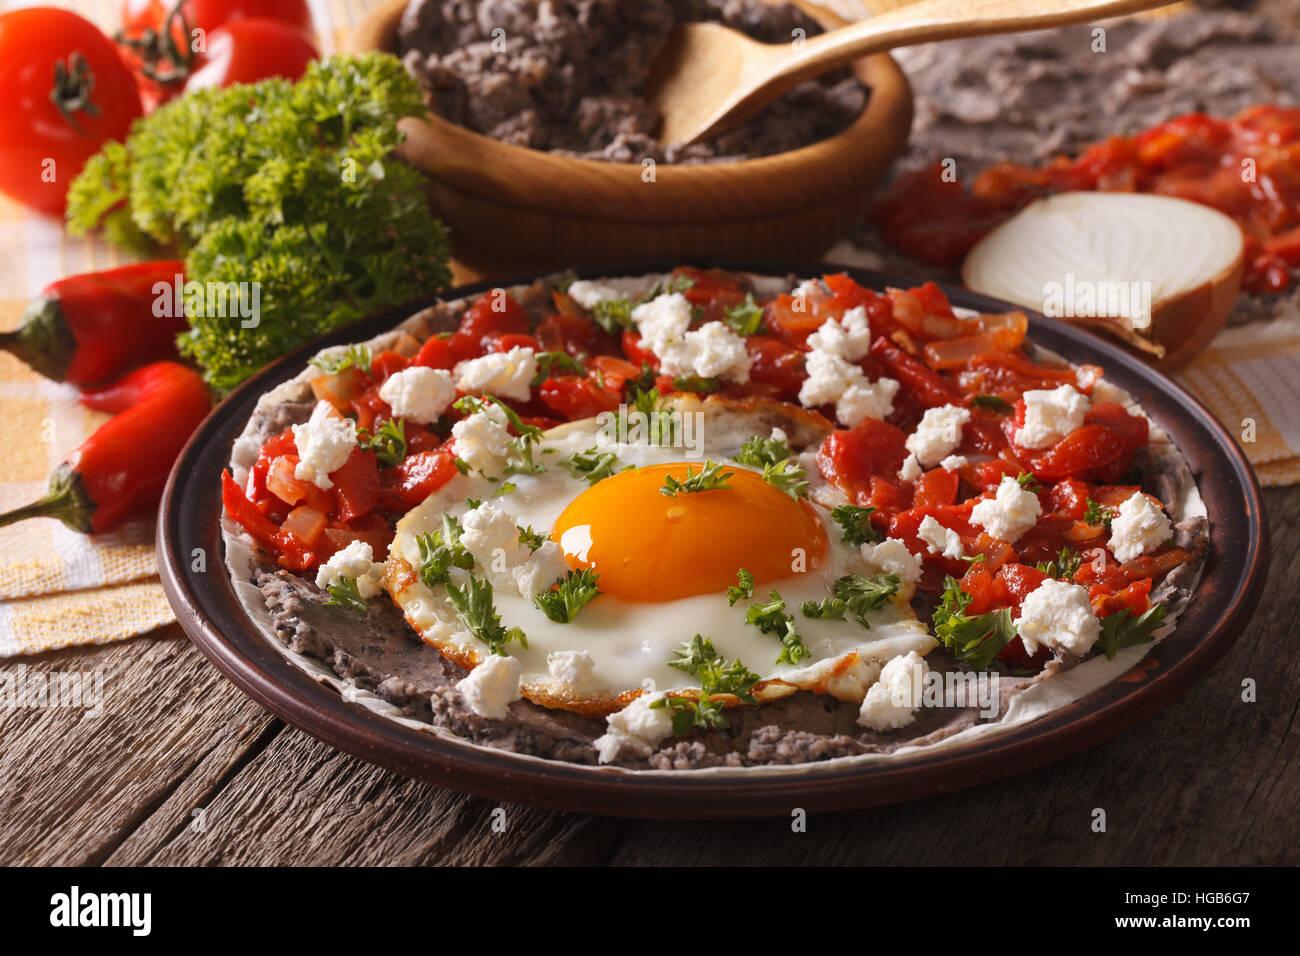 La nourriture mexicaine: huevos rancheros close-up sur une plaque sur la table. L'horizontale Photo Stock